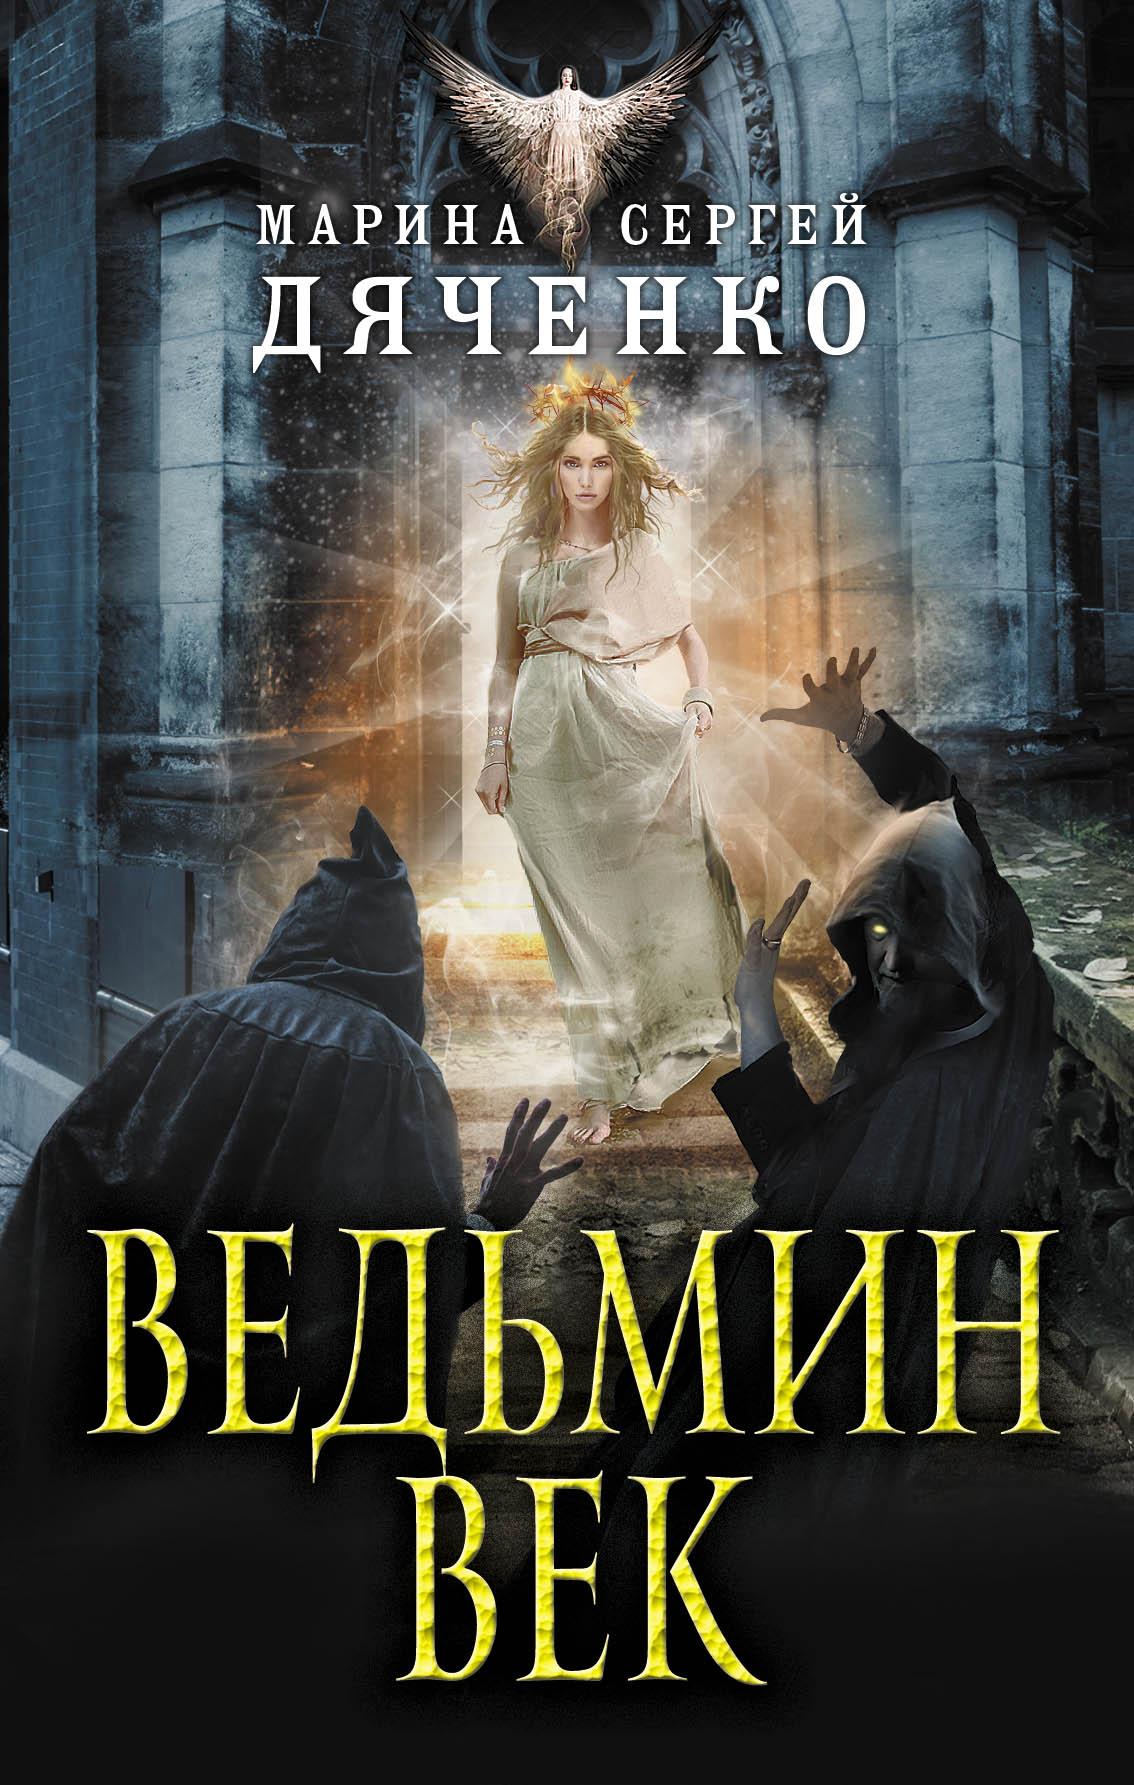 Марина Дяченко, Сергей Дяченко Ведьмин век